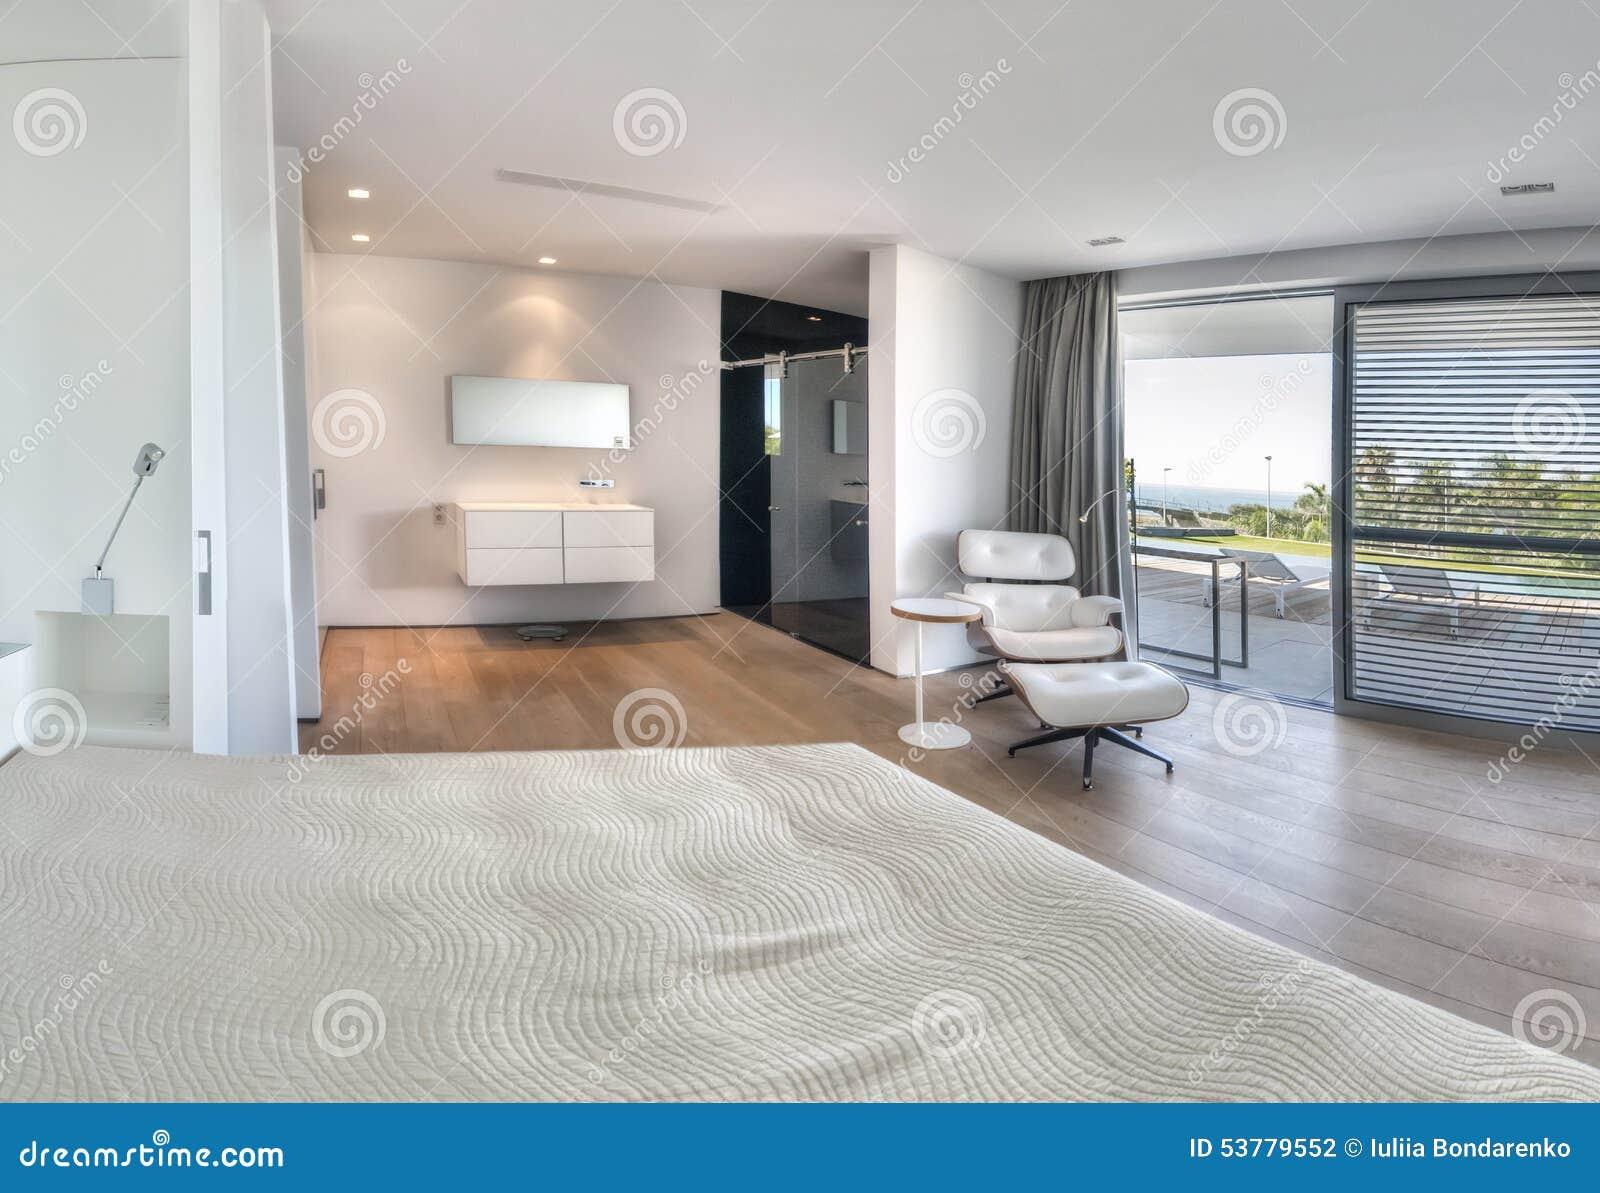 Chambre coucher blanche moderne avec la salle de bains for Salle de bain moderne prix